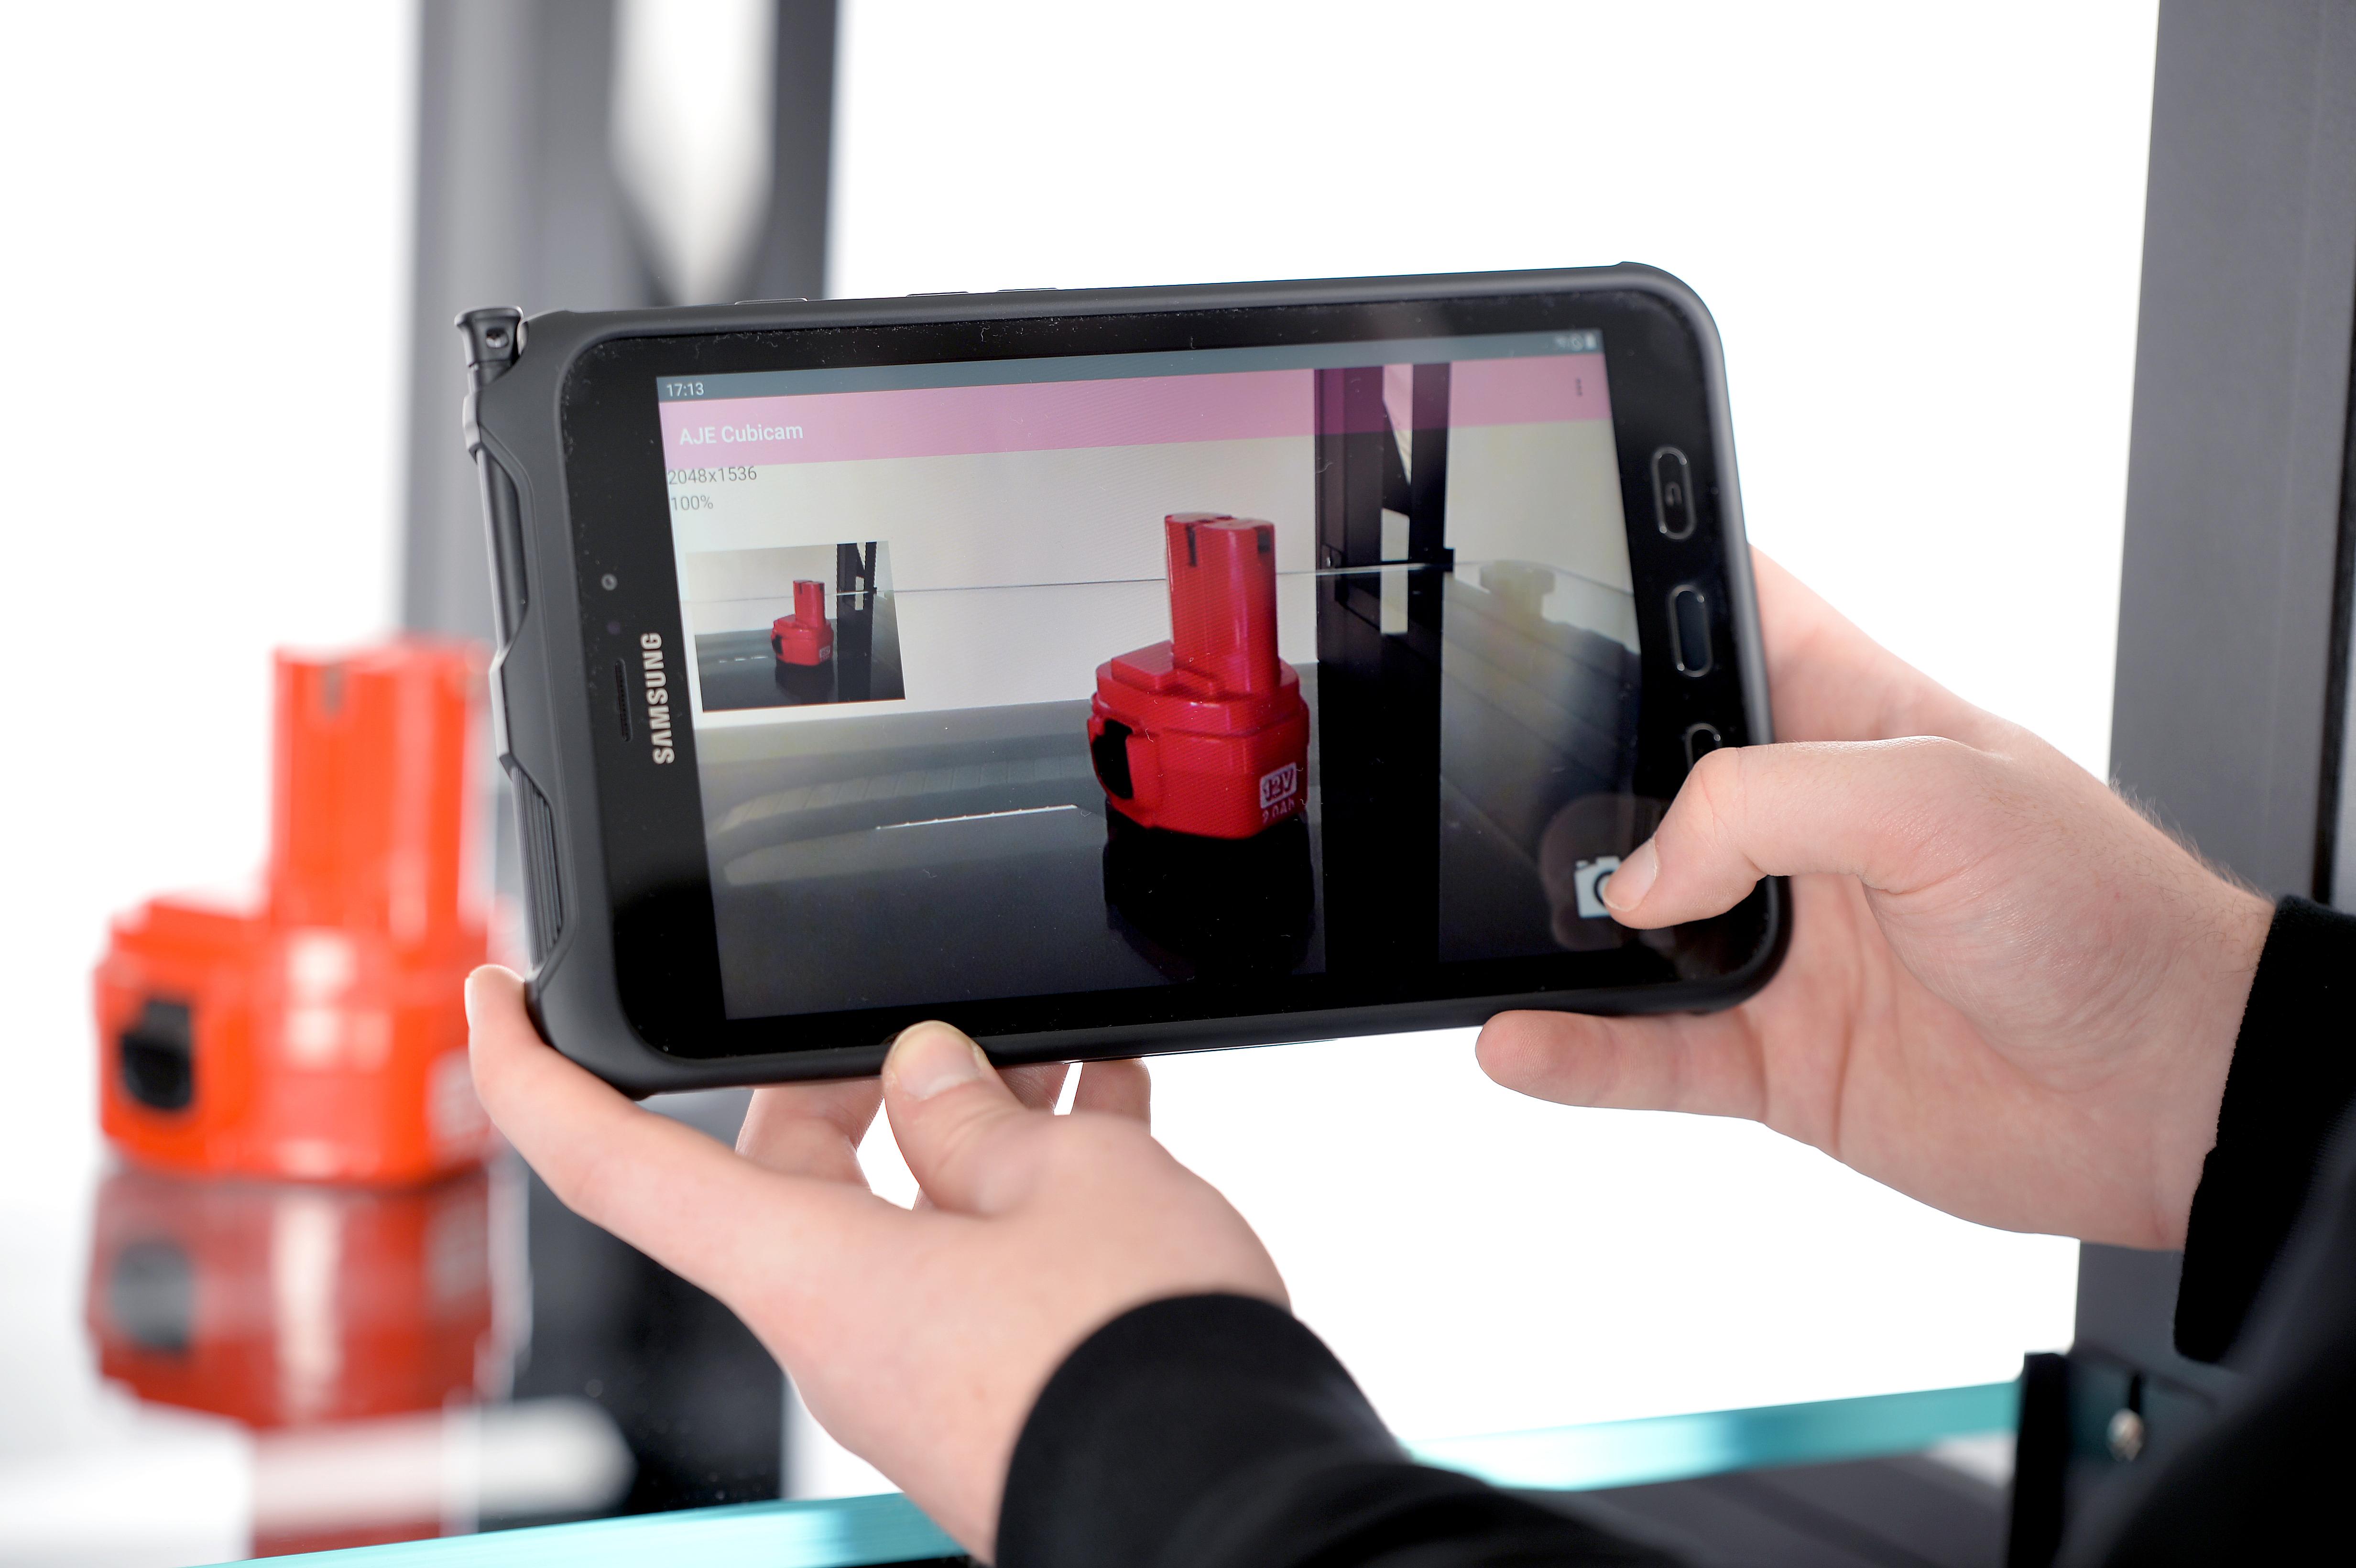 Biometrischen Produktvermessung Cubiscan Volumenmessung Hardware Lagerverwaltung Warenwirtschaft